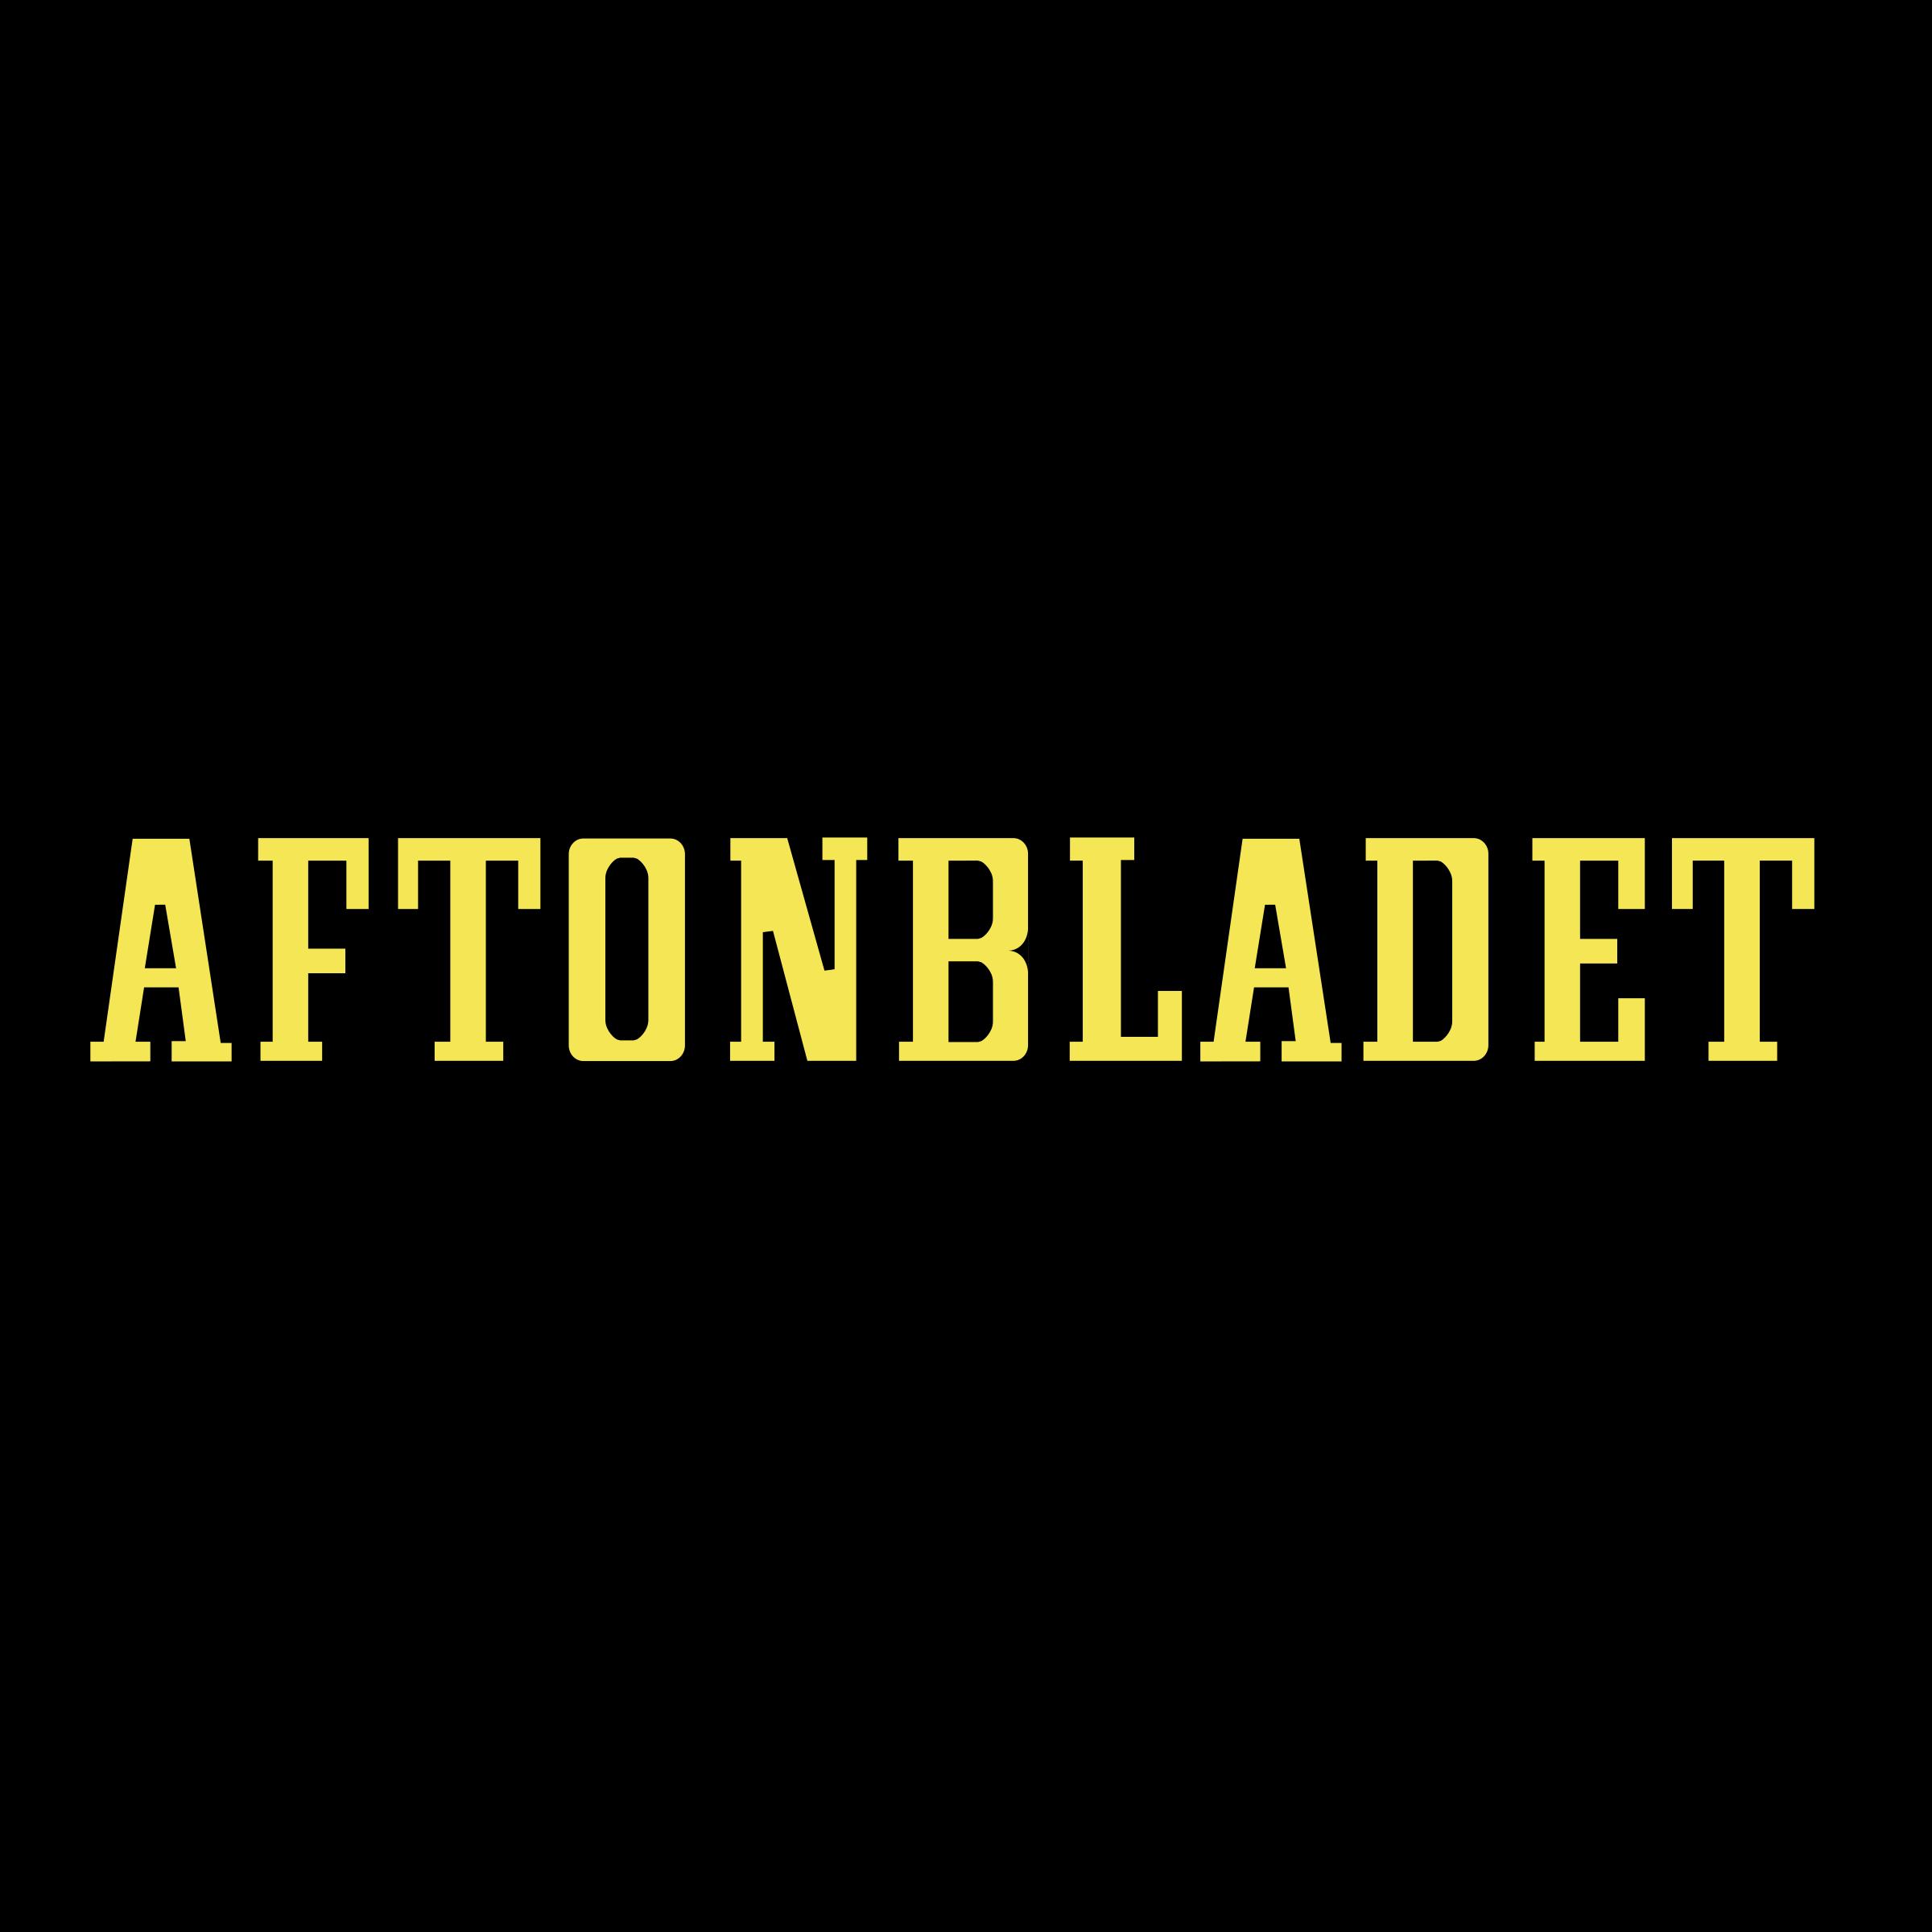 aftonbladet logotype